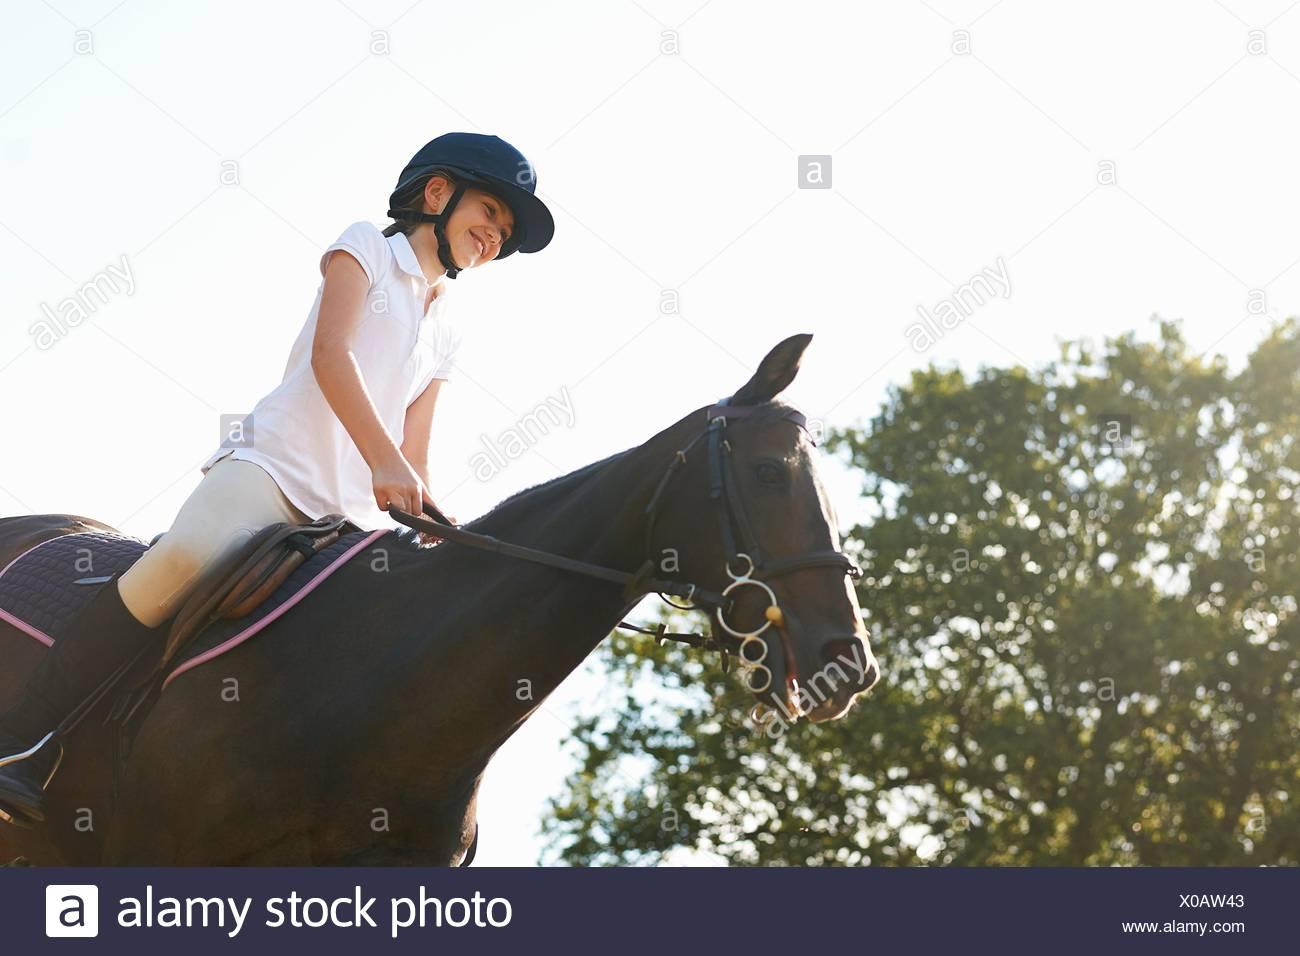 Niedrigen Winkel Ansicht der Mädchen auf Pferd in Landschaft Stockbild